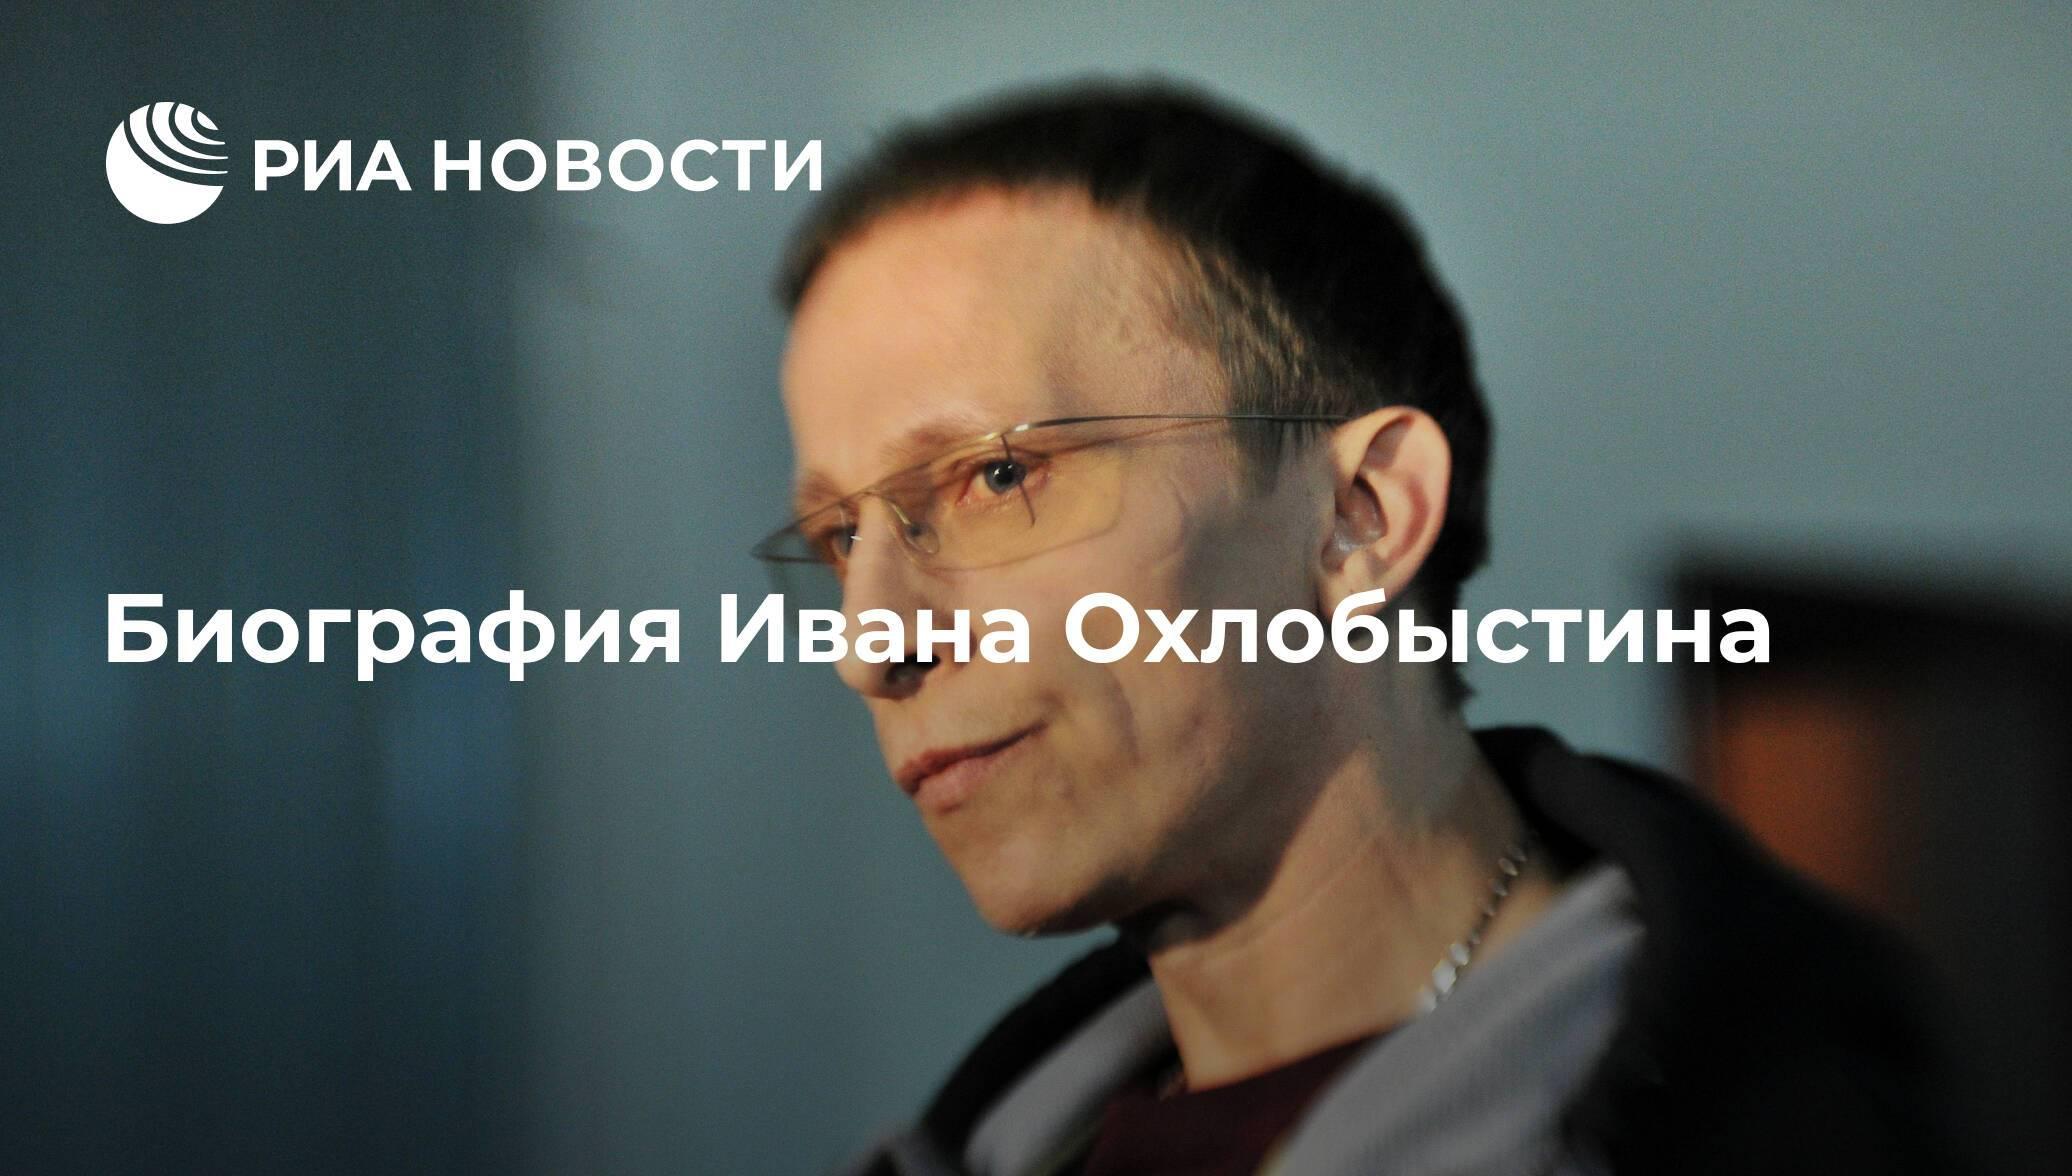 Иван охлобыстин – биография, личная жизнь, фото, новости, фильмы, дети, «дом-2», семья, жена, сын 2021 - 24сми